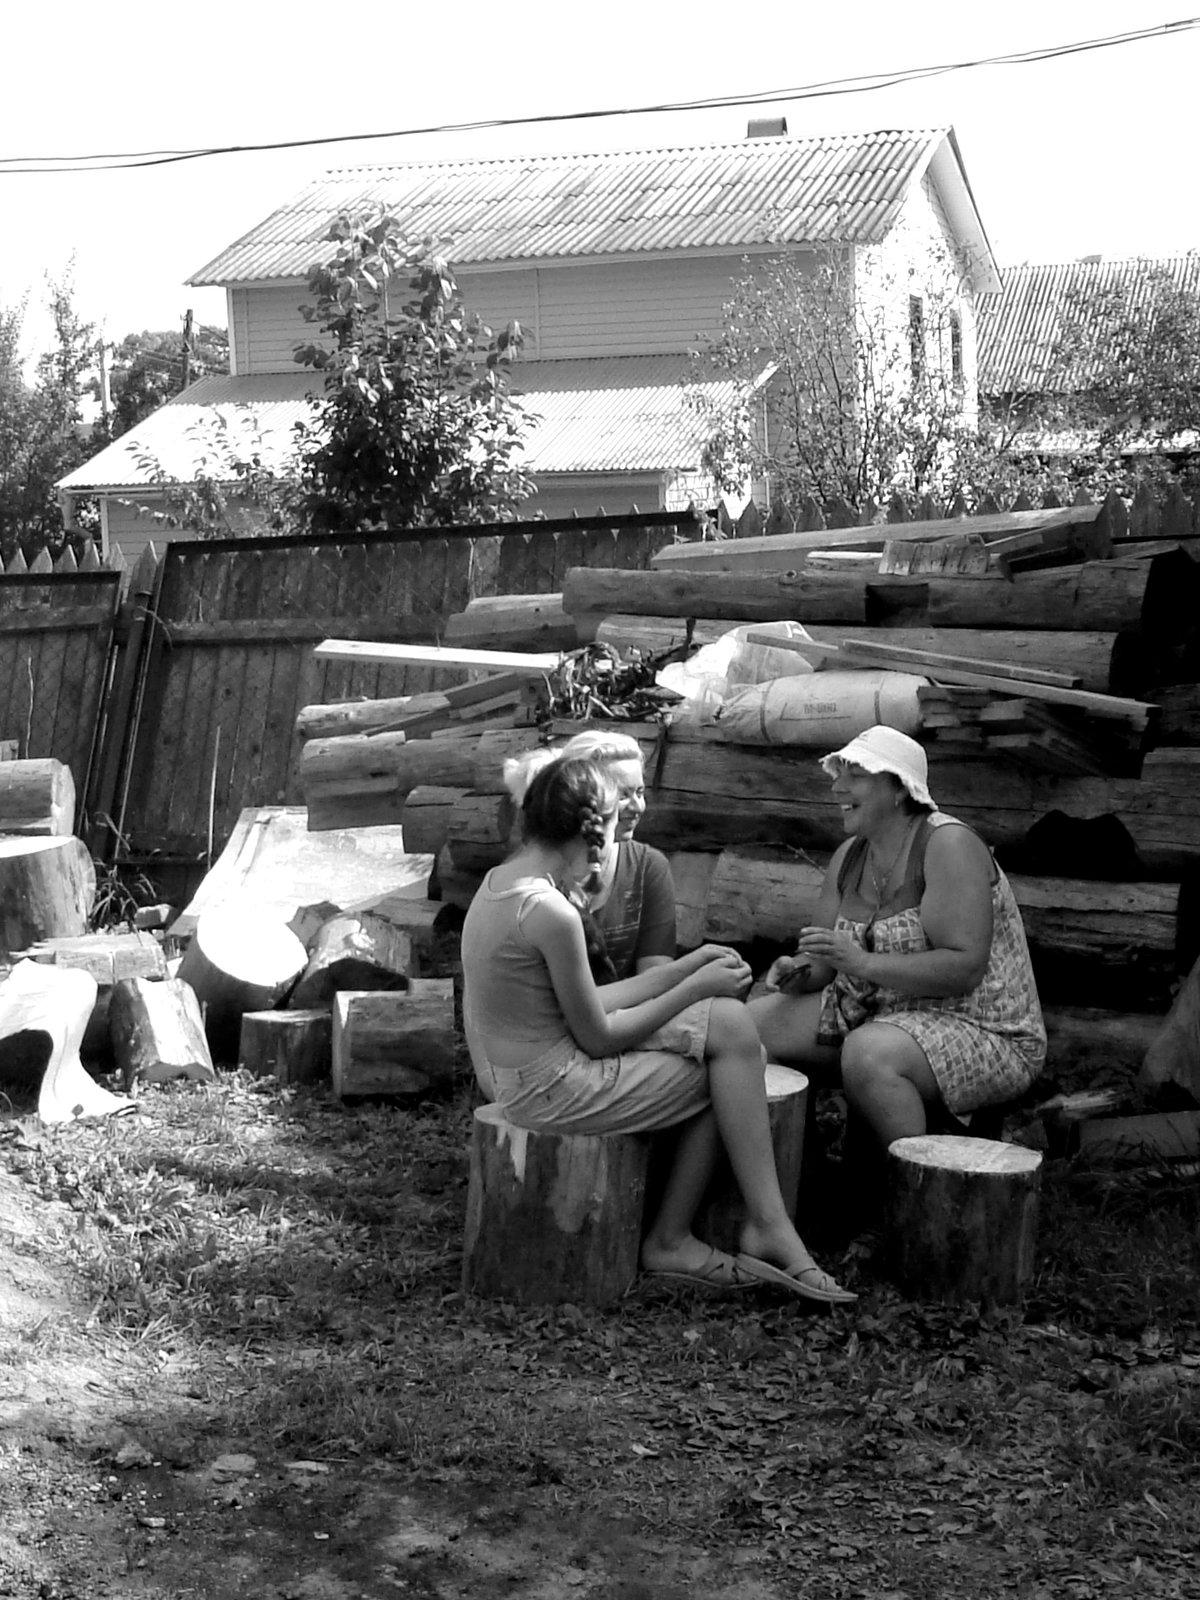 Как оплодотворяли баб в семьях на деревне в былые времена — pic 14